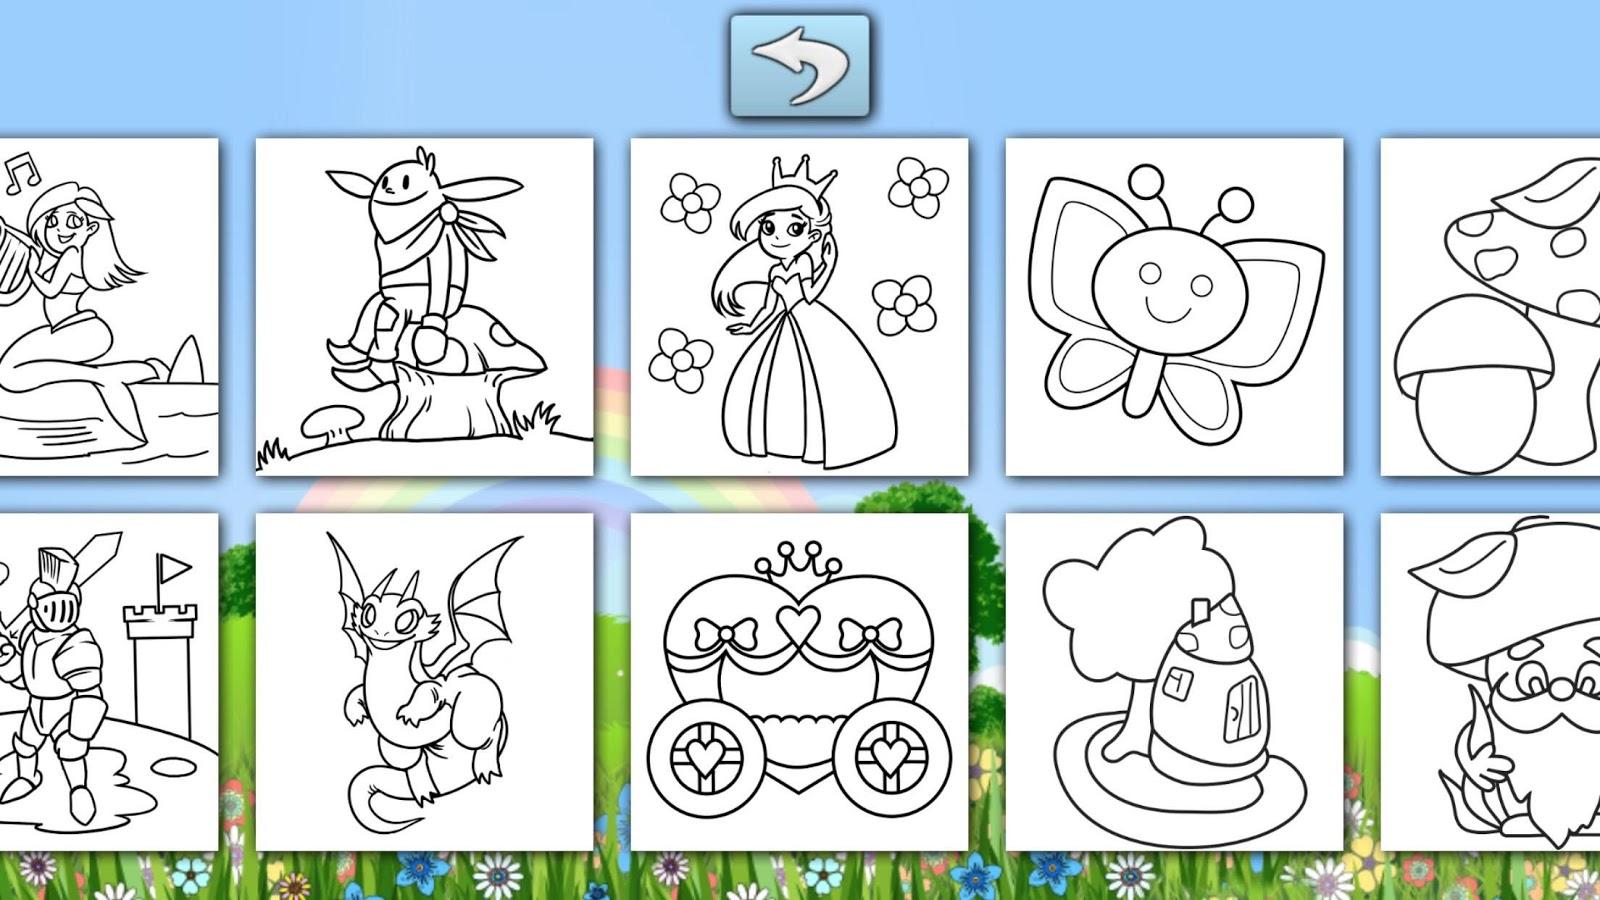 sparkling color book for kids screenshot - Color Book